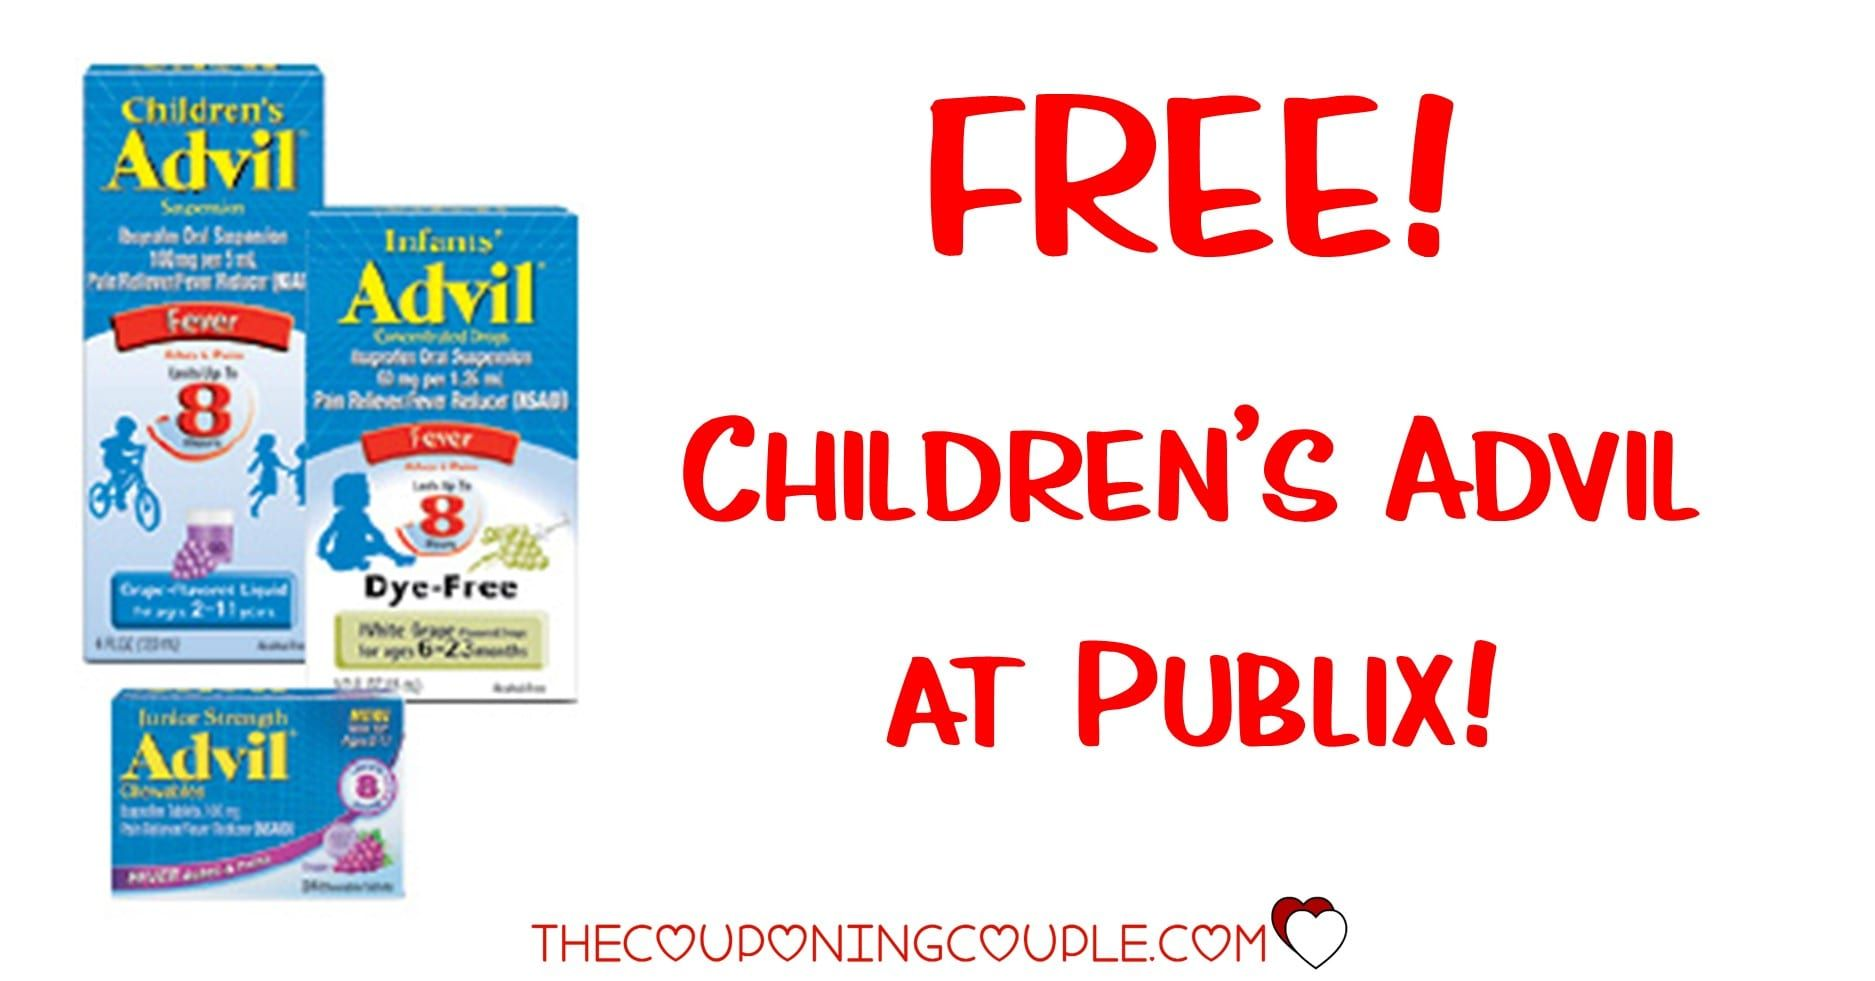 Childrens Advil 2 49 With A Cvs Deal In 2021 Kids Fever Fever Medicine Digital Coupons